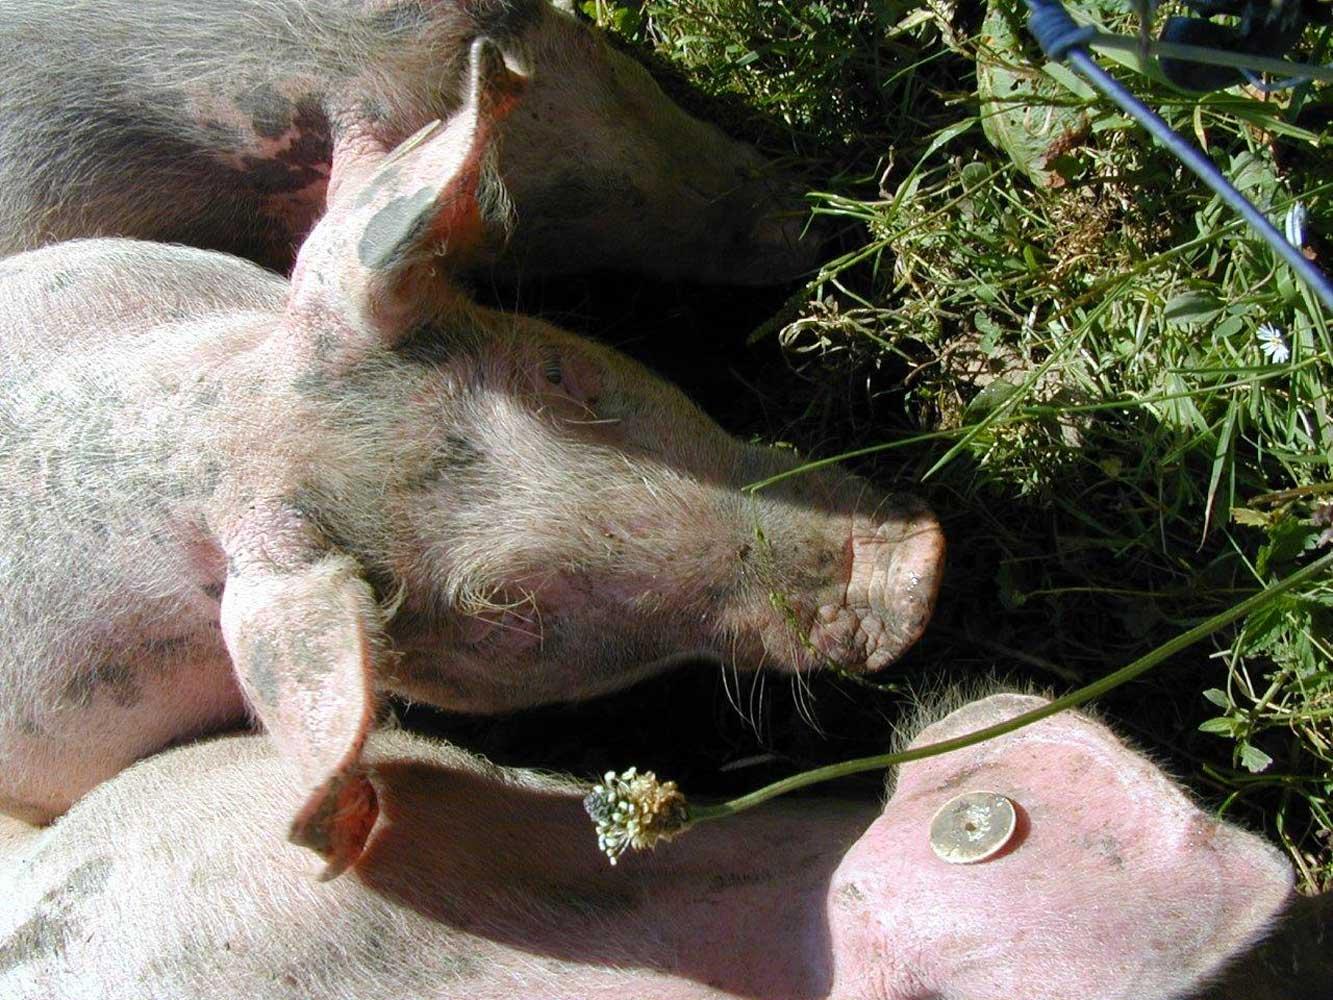 Innere Wiesalpe Kleinwalsertal, Ausflugsziel, Alpe, Brotzeit – unsere Schweinle